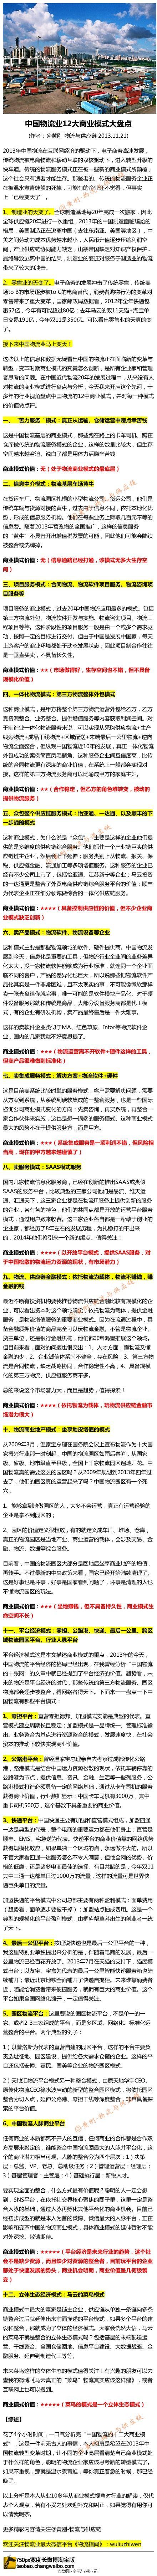 2013中国物流业12大商业模式大盘点